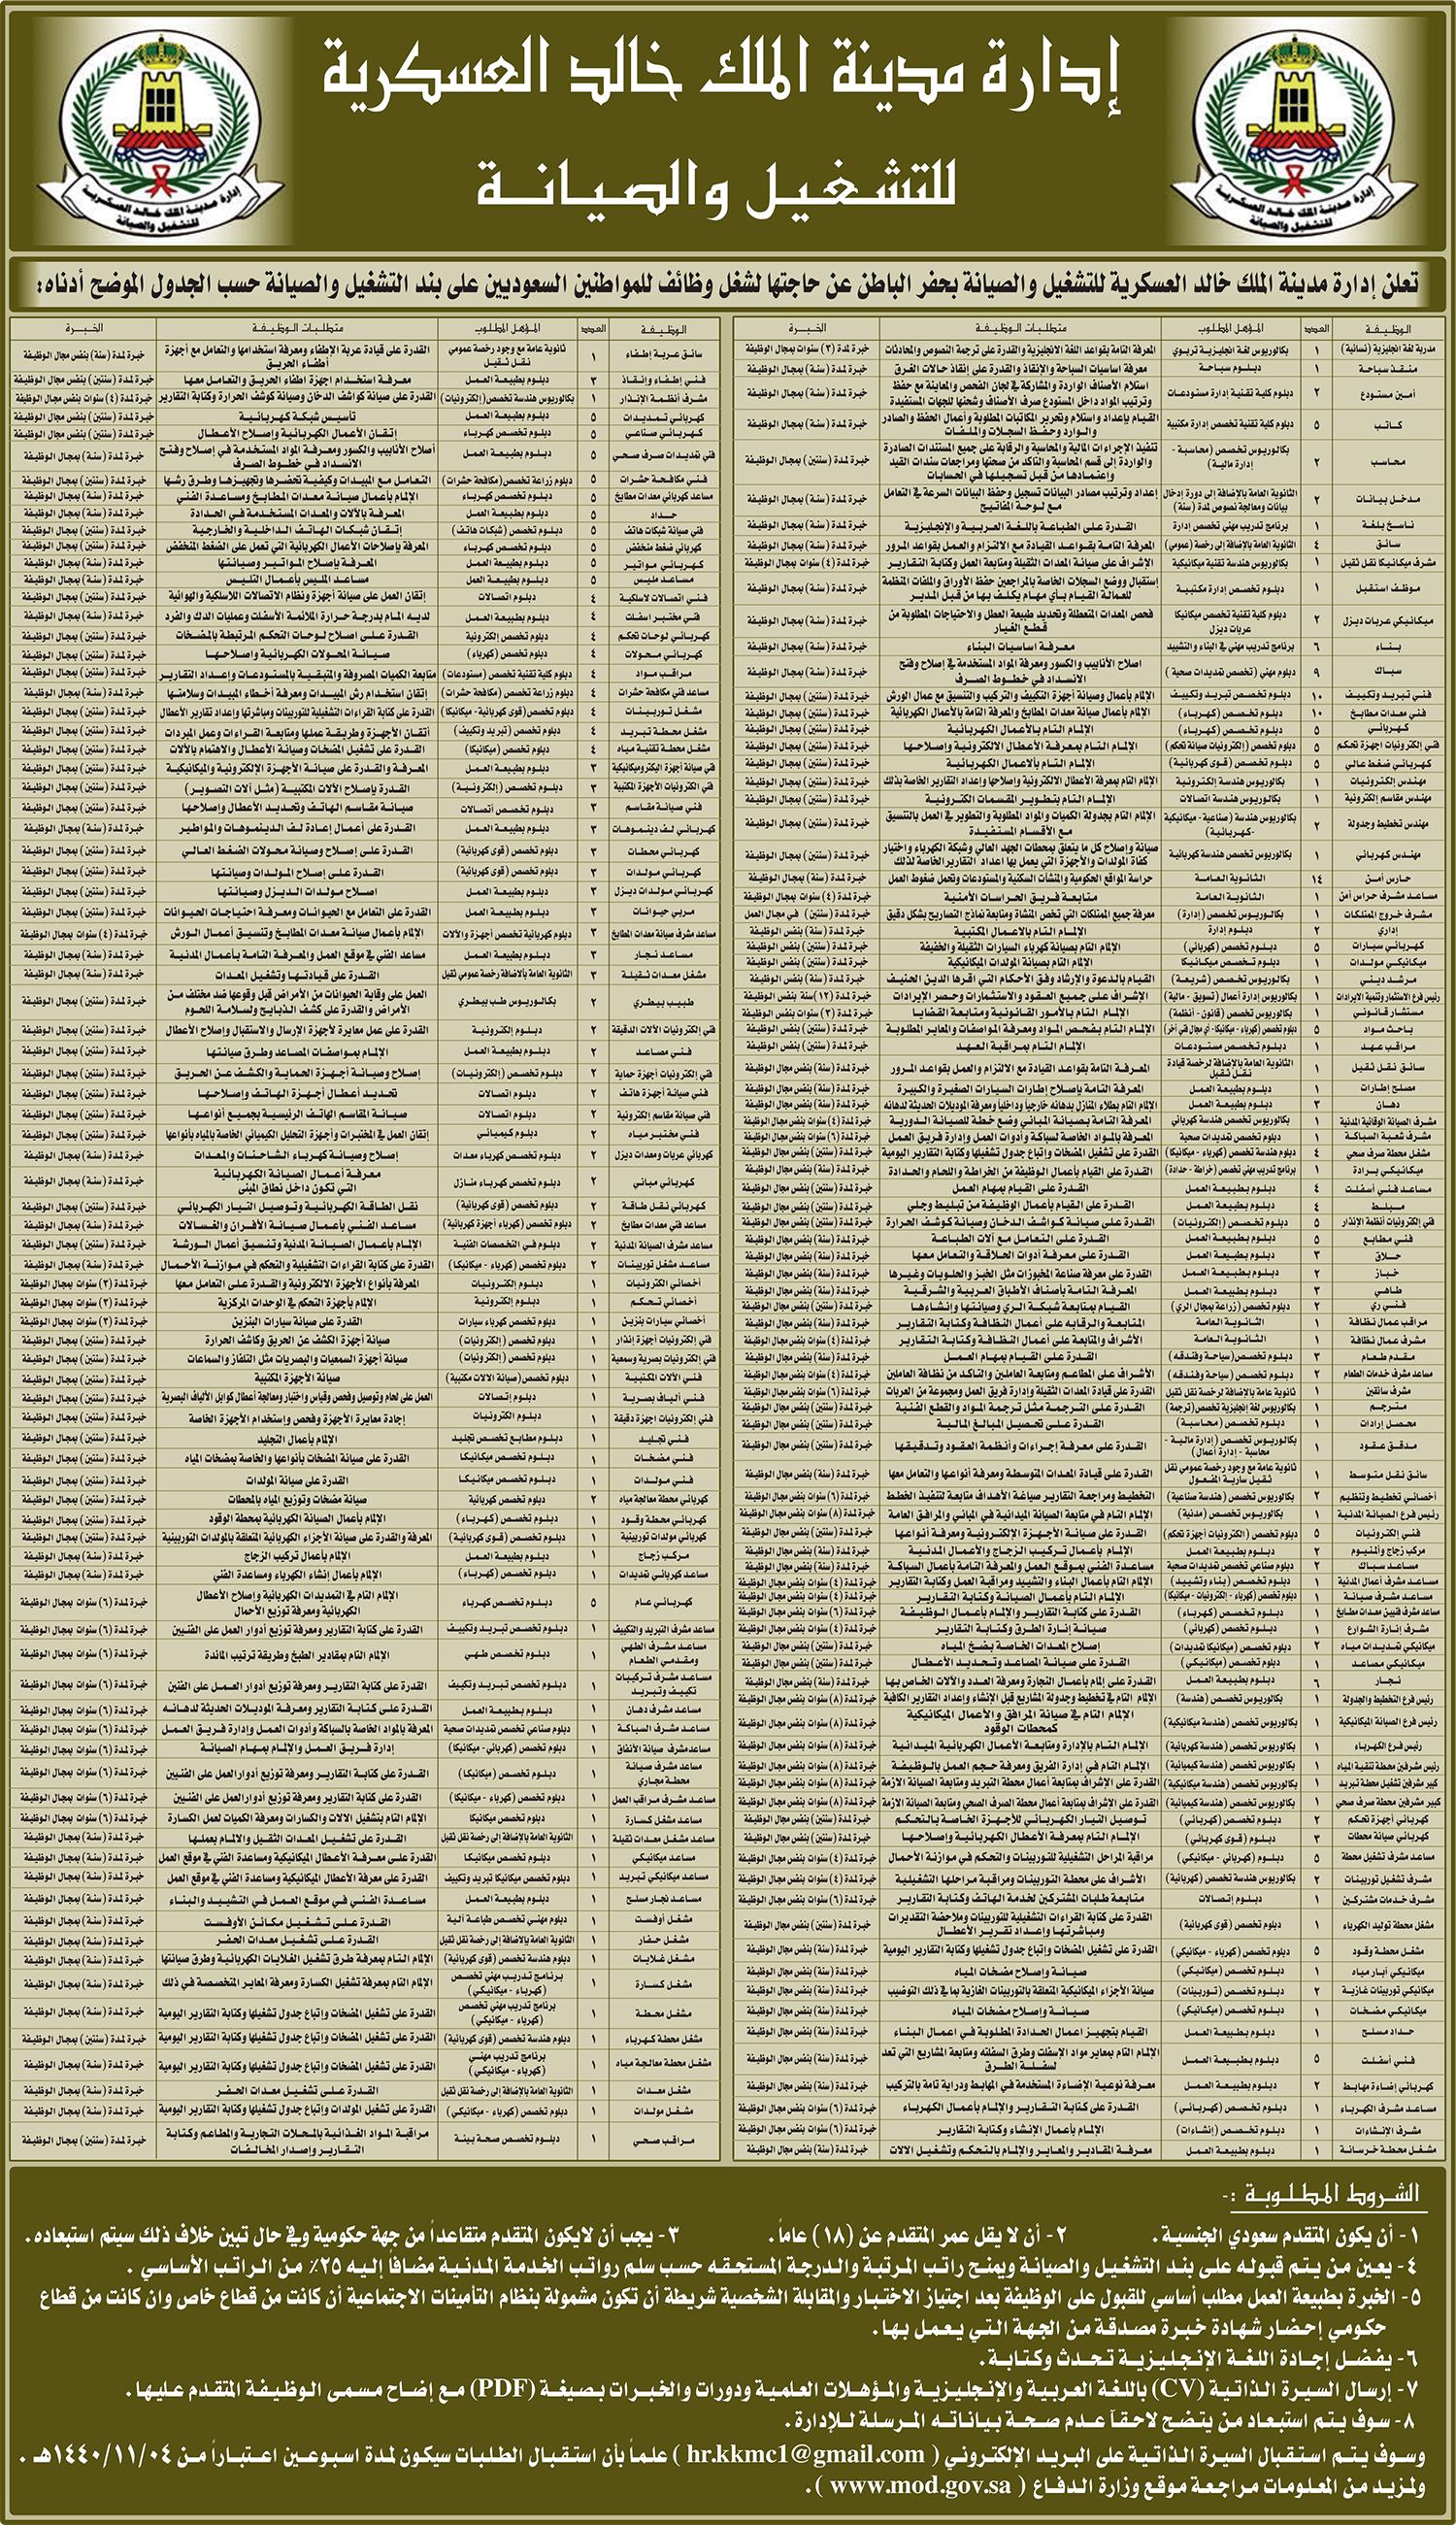 مدينة الملك خالد العسكرية تعلن توفر أكثر من 300 وظيفة متنوعة للرجال